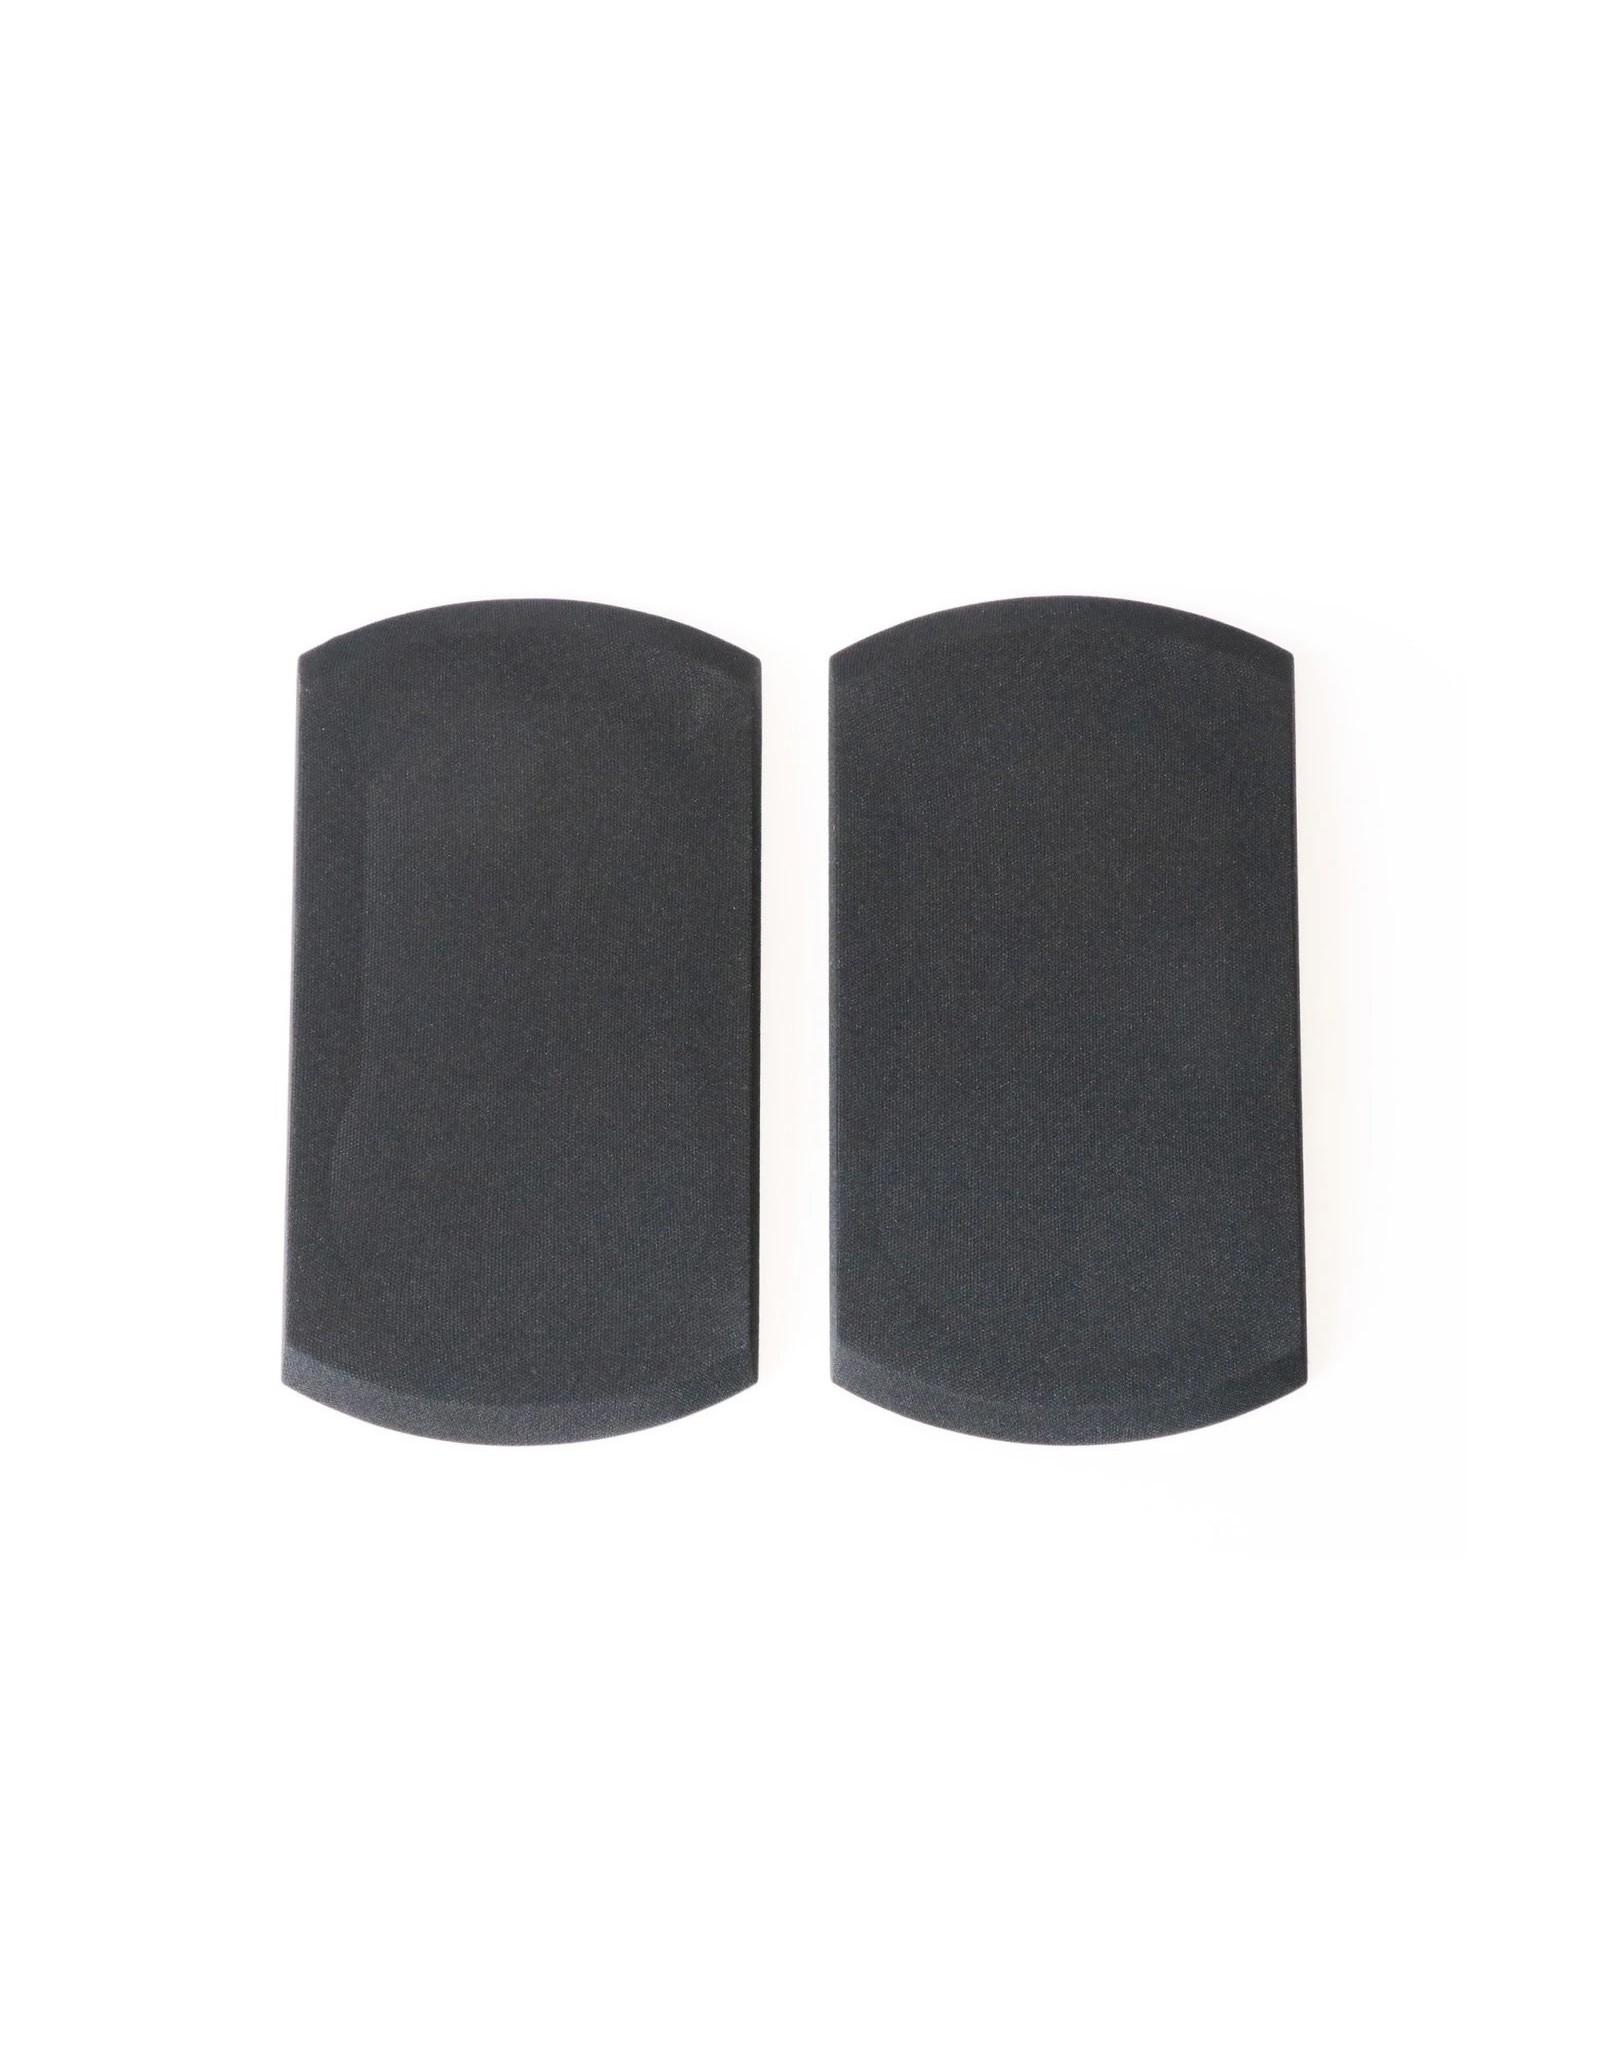 Spendor Spendor A4 Series Speaker Grills (Pair)